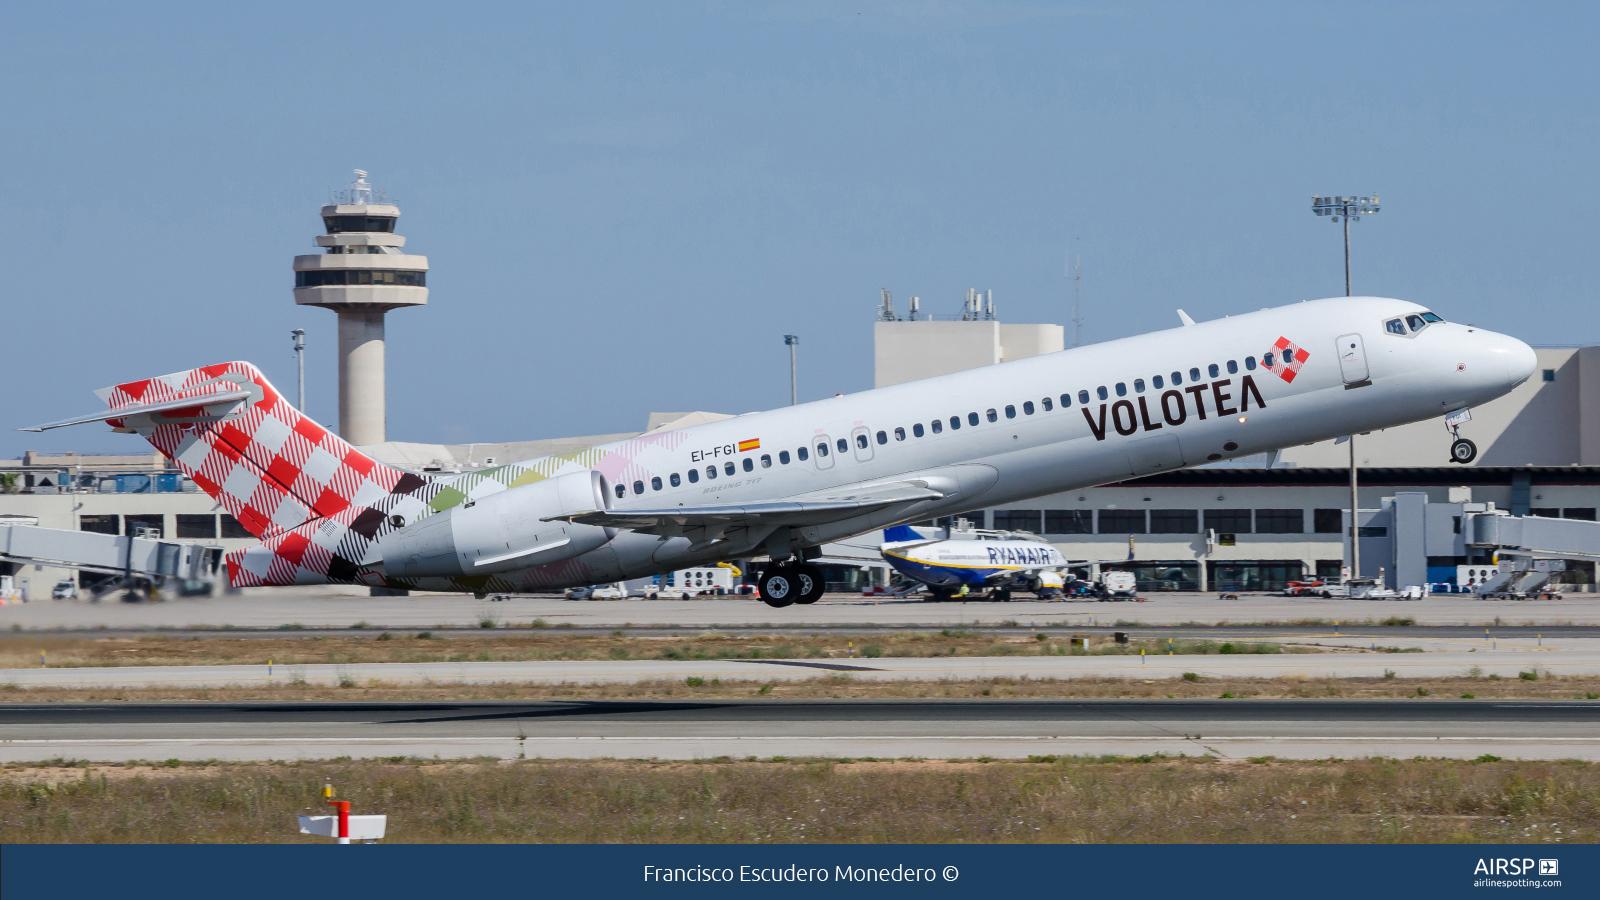 Volotea Airlines  Boeing 717  EI-FGI